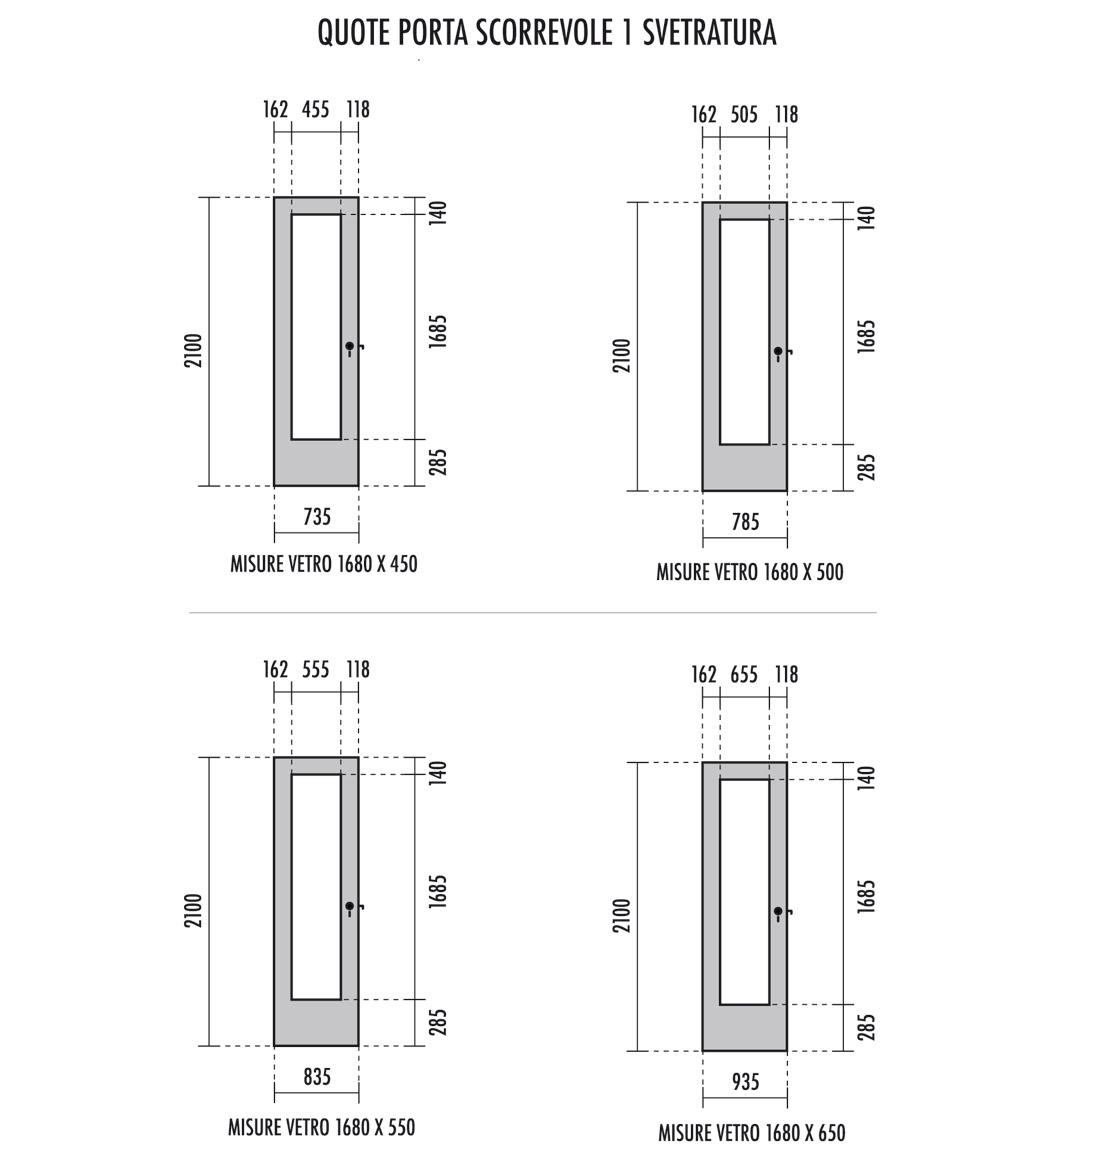 Laminatino bianco porta liscia 1 foro vetro scorrevole - Misure porta finestra ...